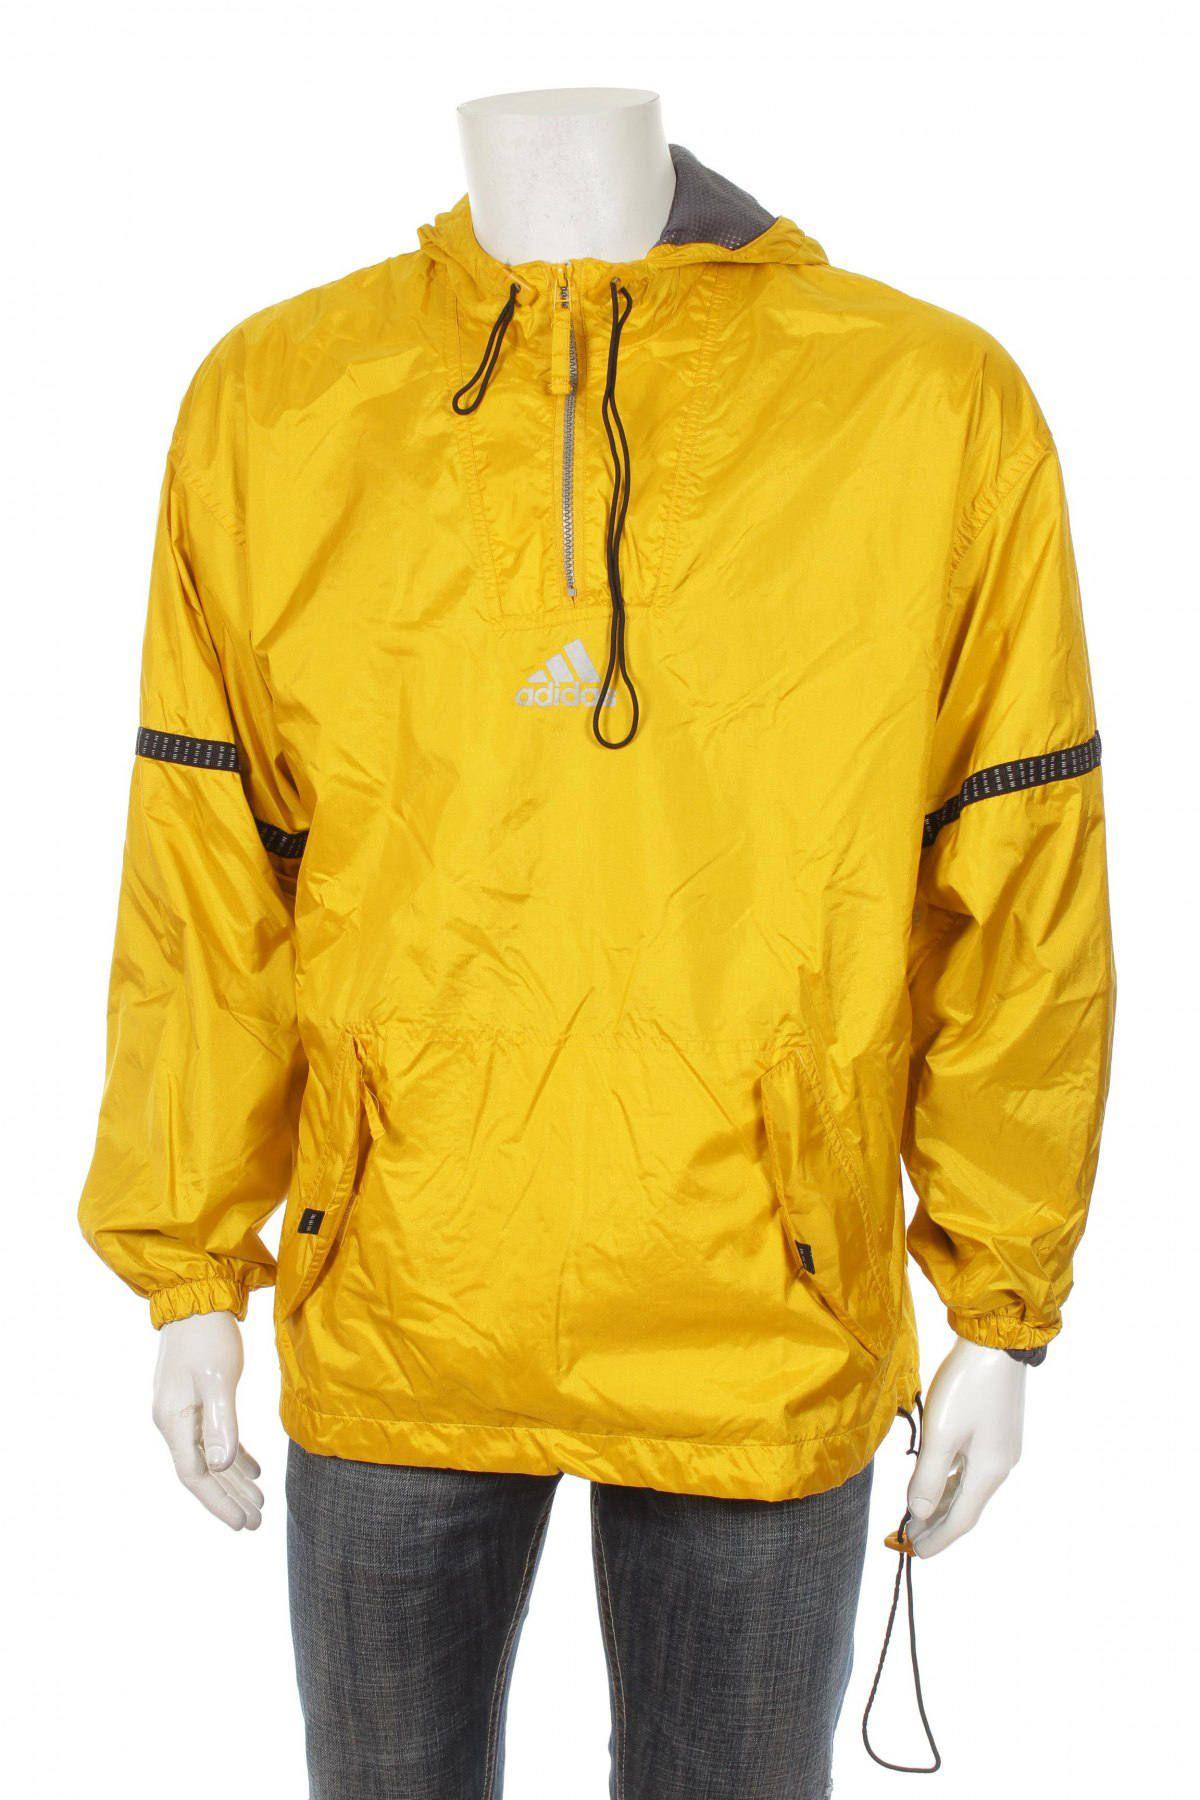 Vintage 90 Adidas Cortaviento chaqueta Big logo amarillo / Negro Talla M